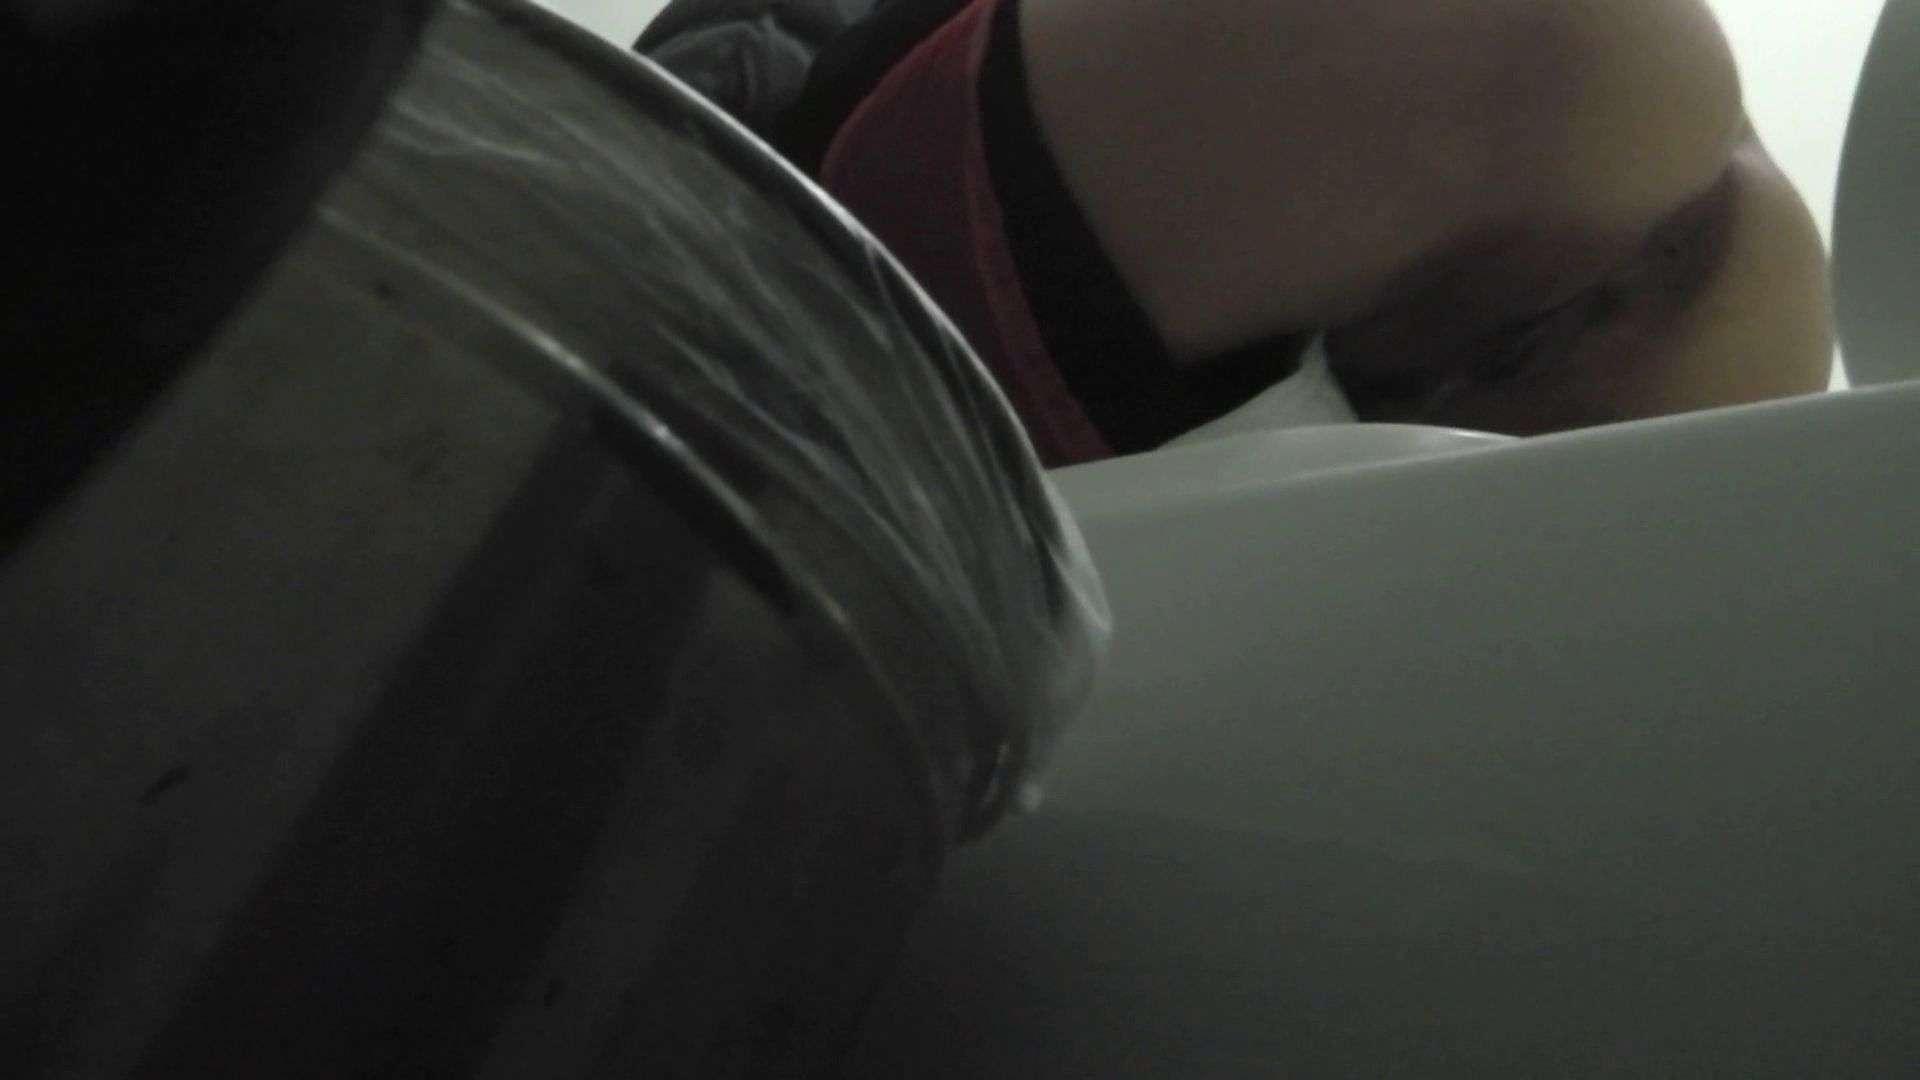 【日本成人用品展览会。超模如云】vol.01 着替 空爆 OLの実態  100pic 21